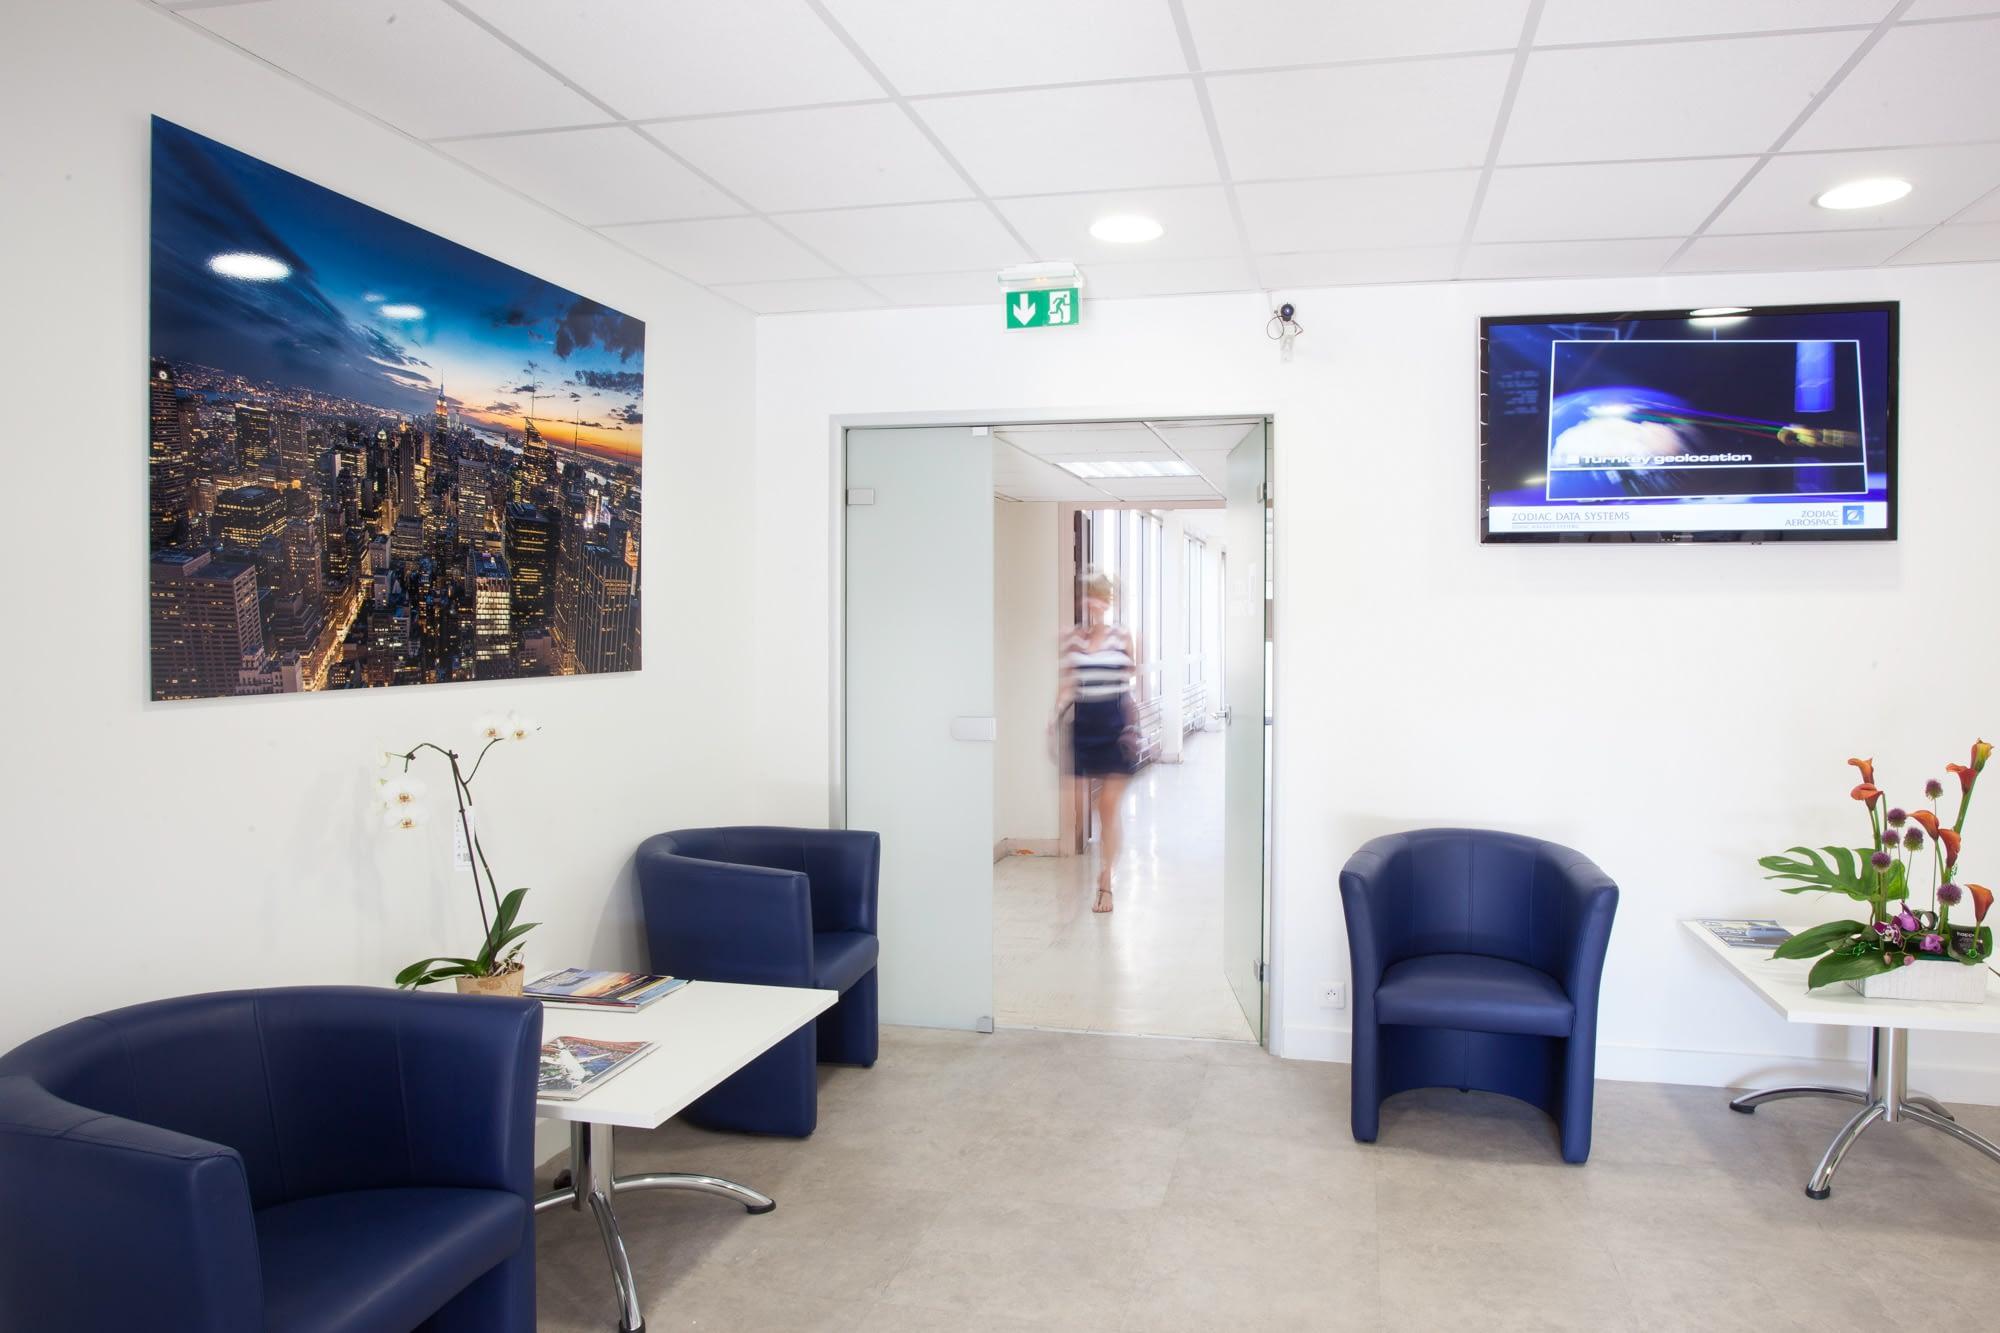 Vente et installation de photographies d'art Pixopolitan pour l'entreprise aéronautique Zodiac Aérospace